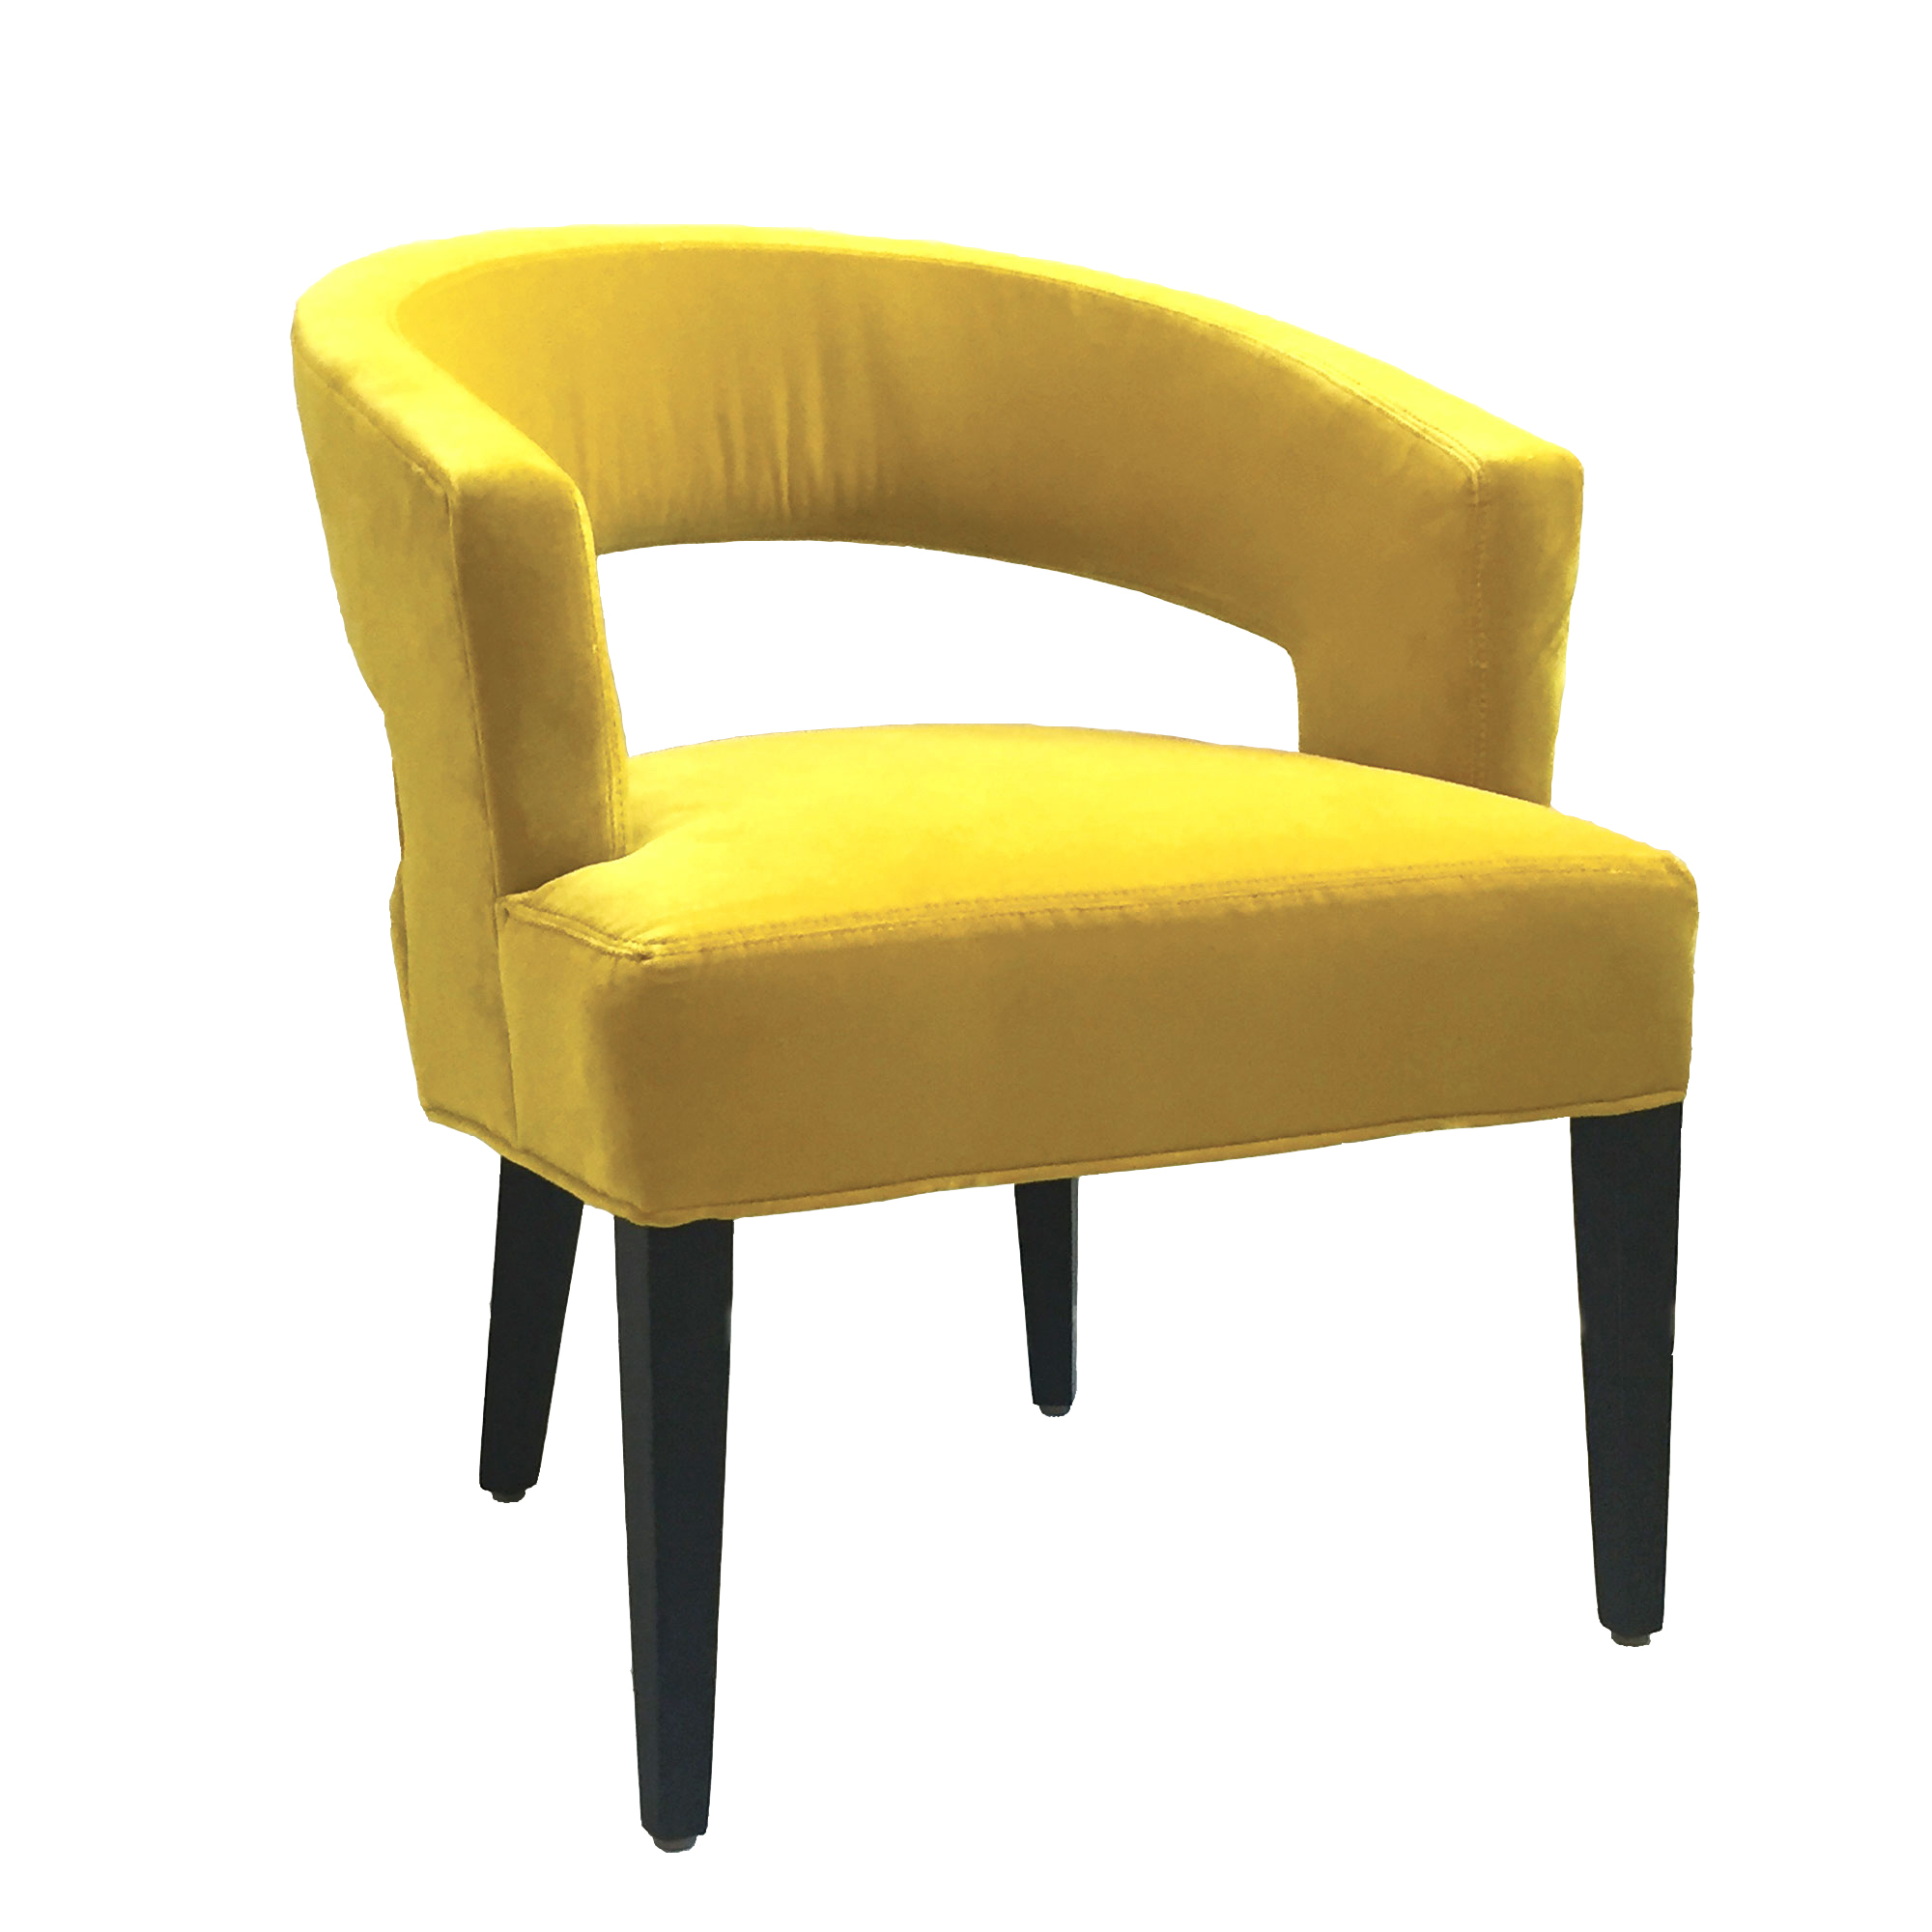 Tub_Chair_5273-01_Lee_Industries.jpg